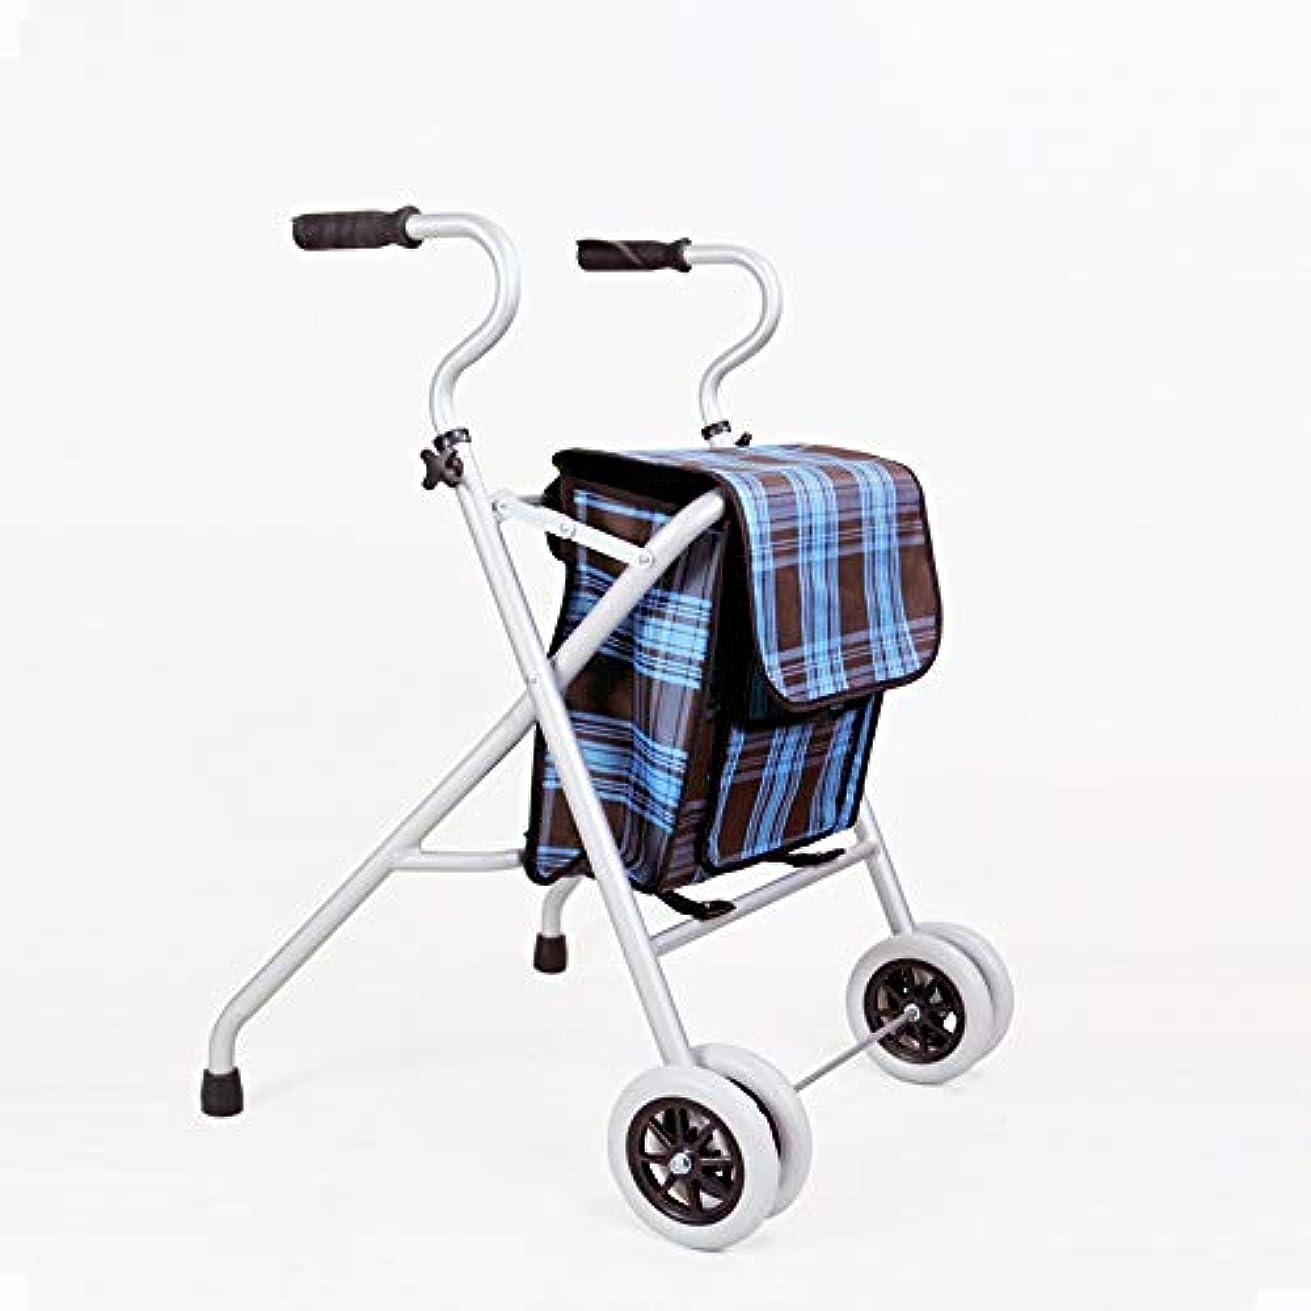 飢えた破壊するフォージキャリーバッグ付き軽量アルミニウム折りたたみ式歩行器、高さ調節可能、移動補助具